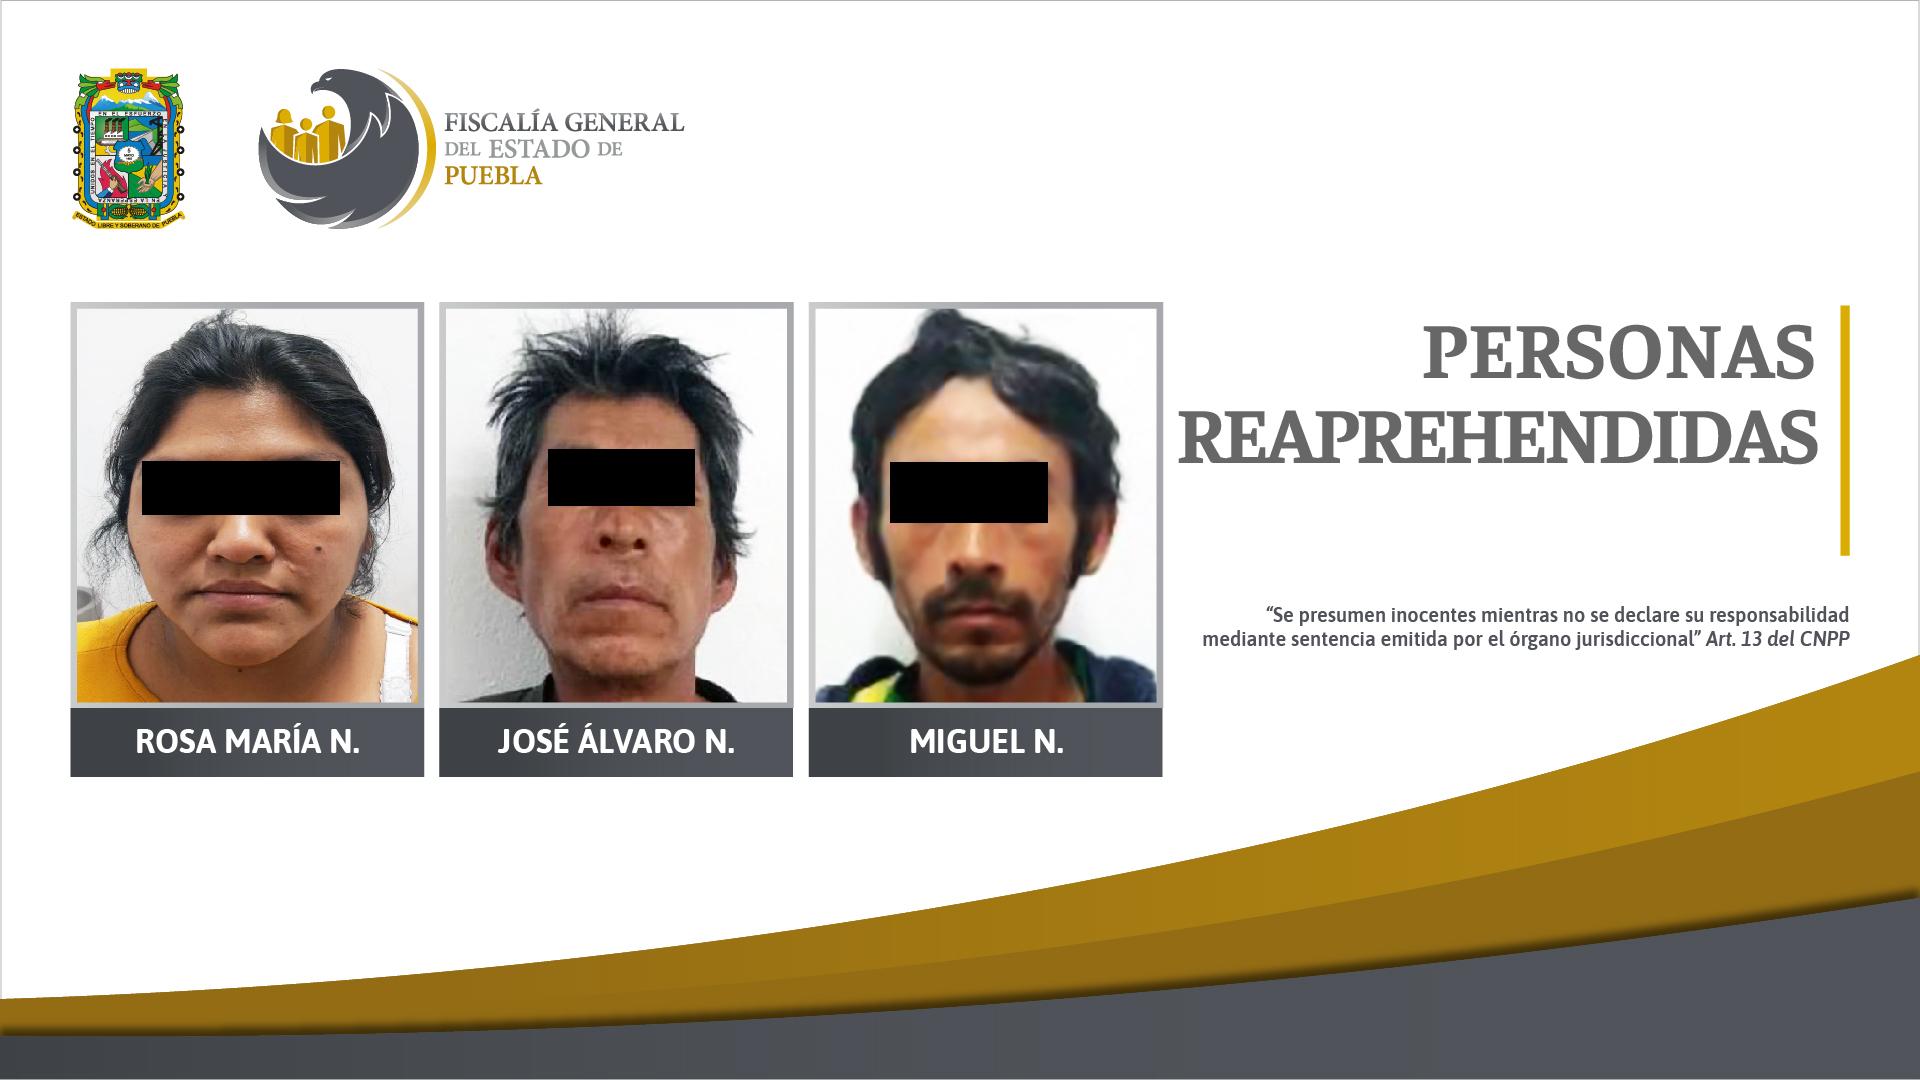 Reaprehensión de tres personas por incumplir requerimientos judiciales